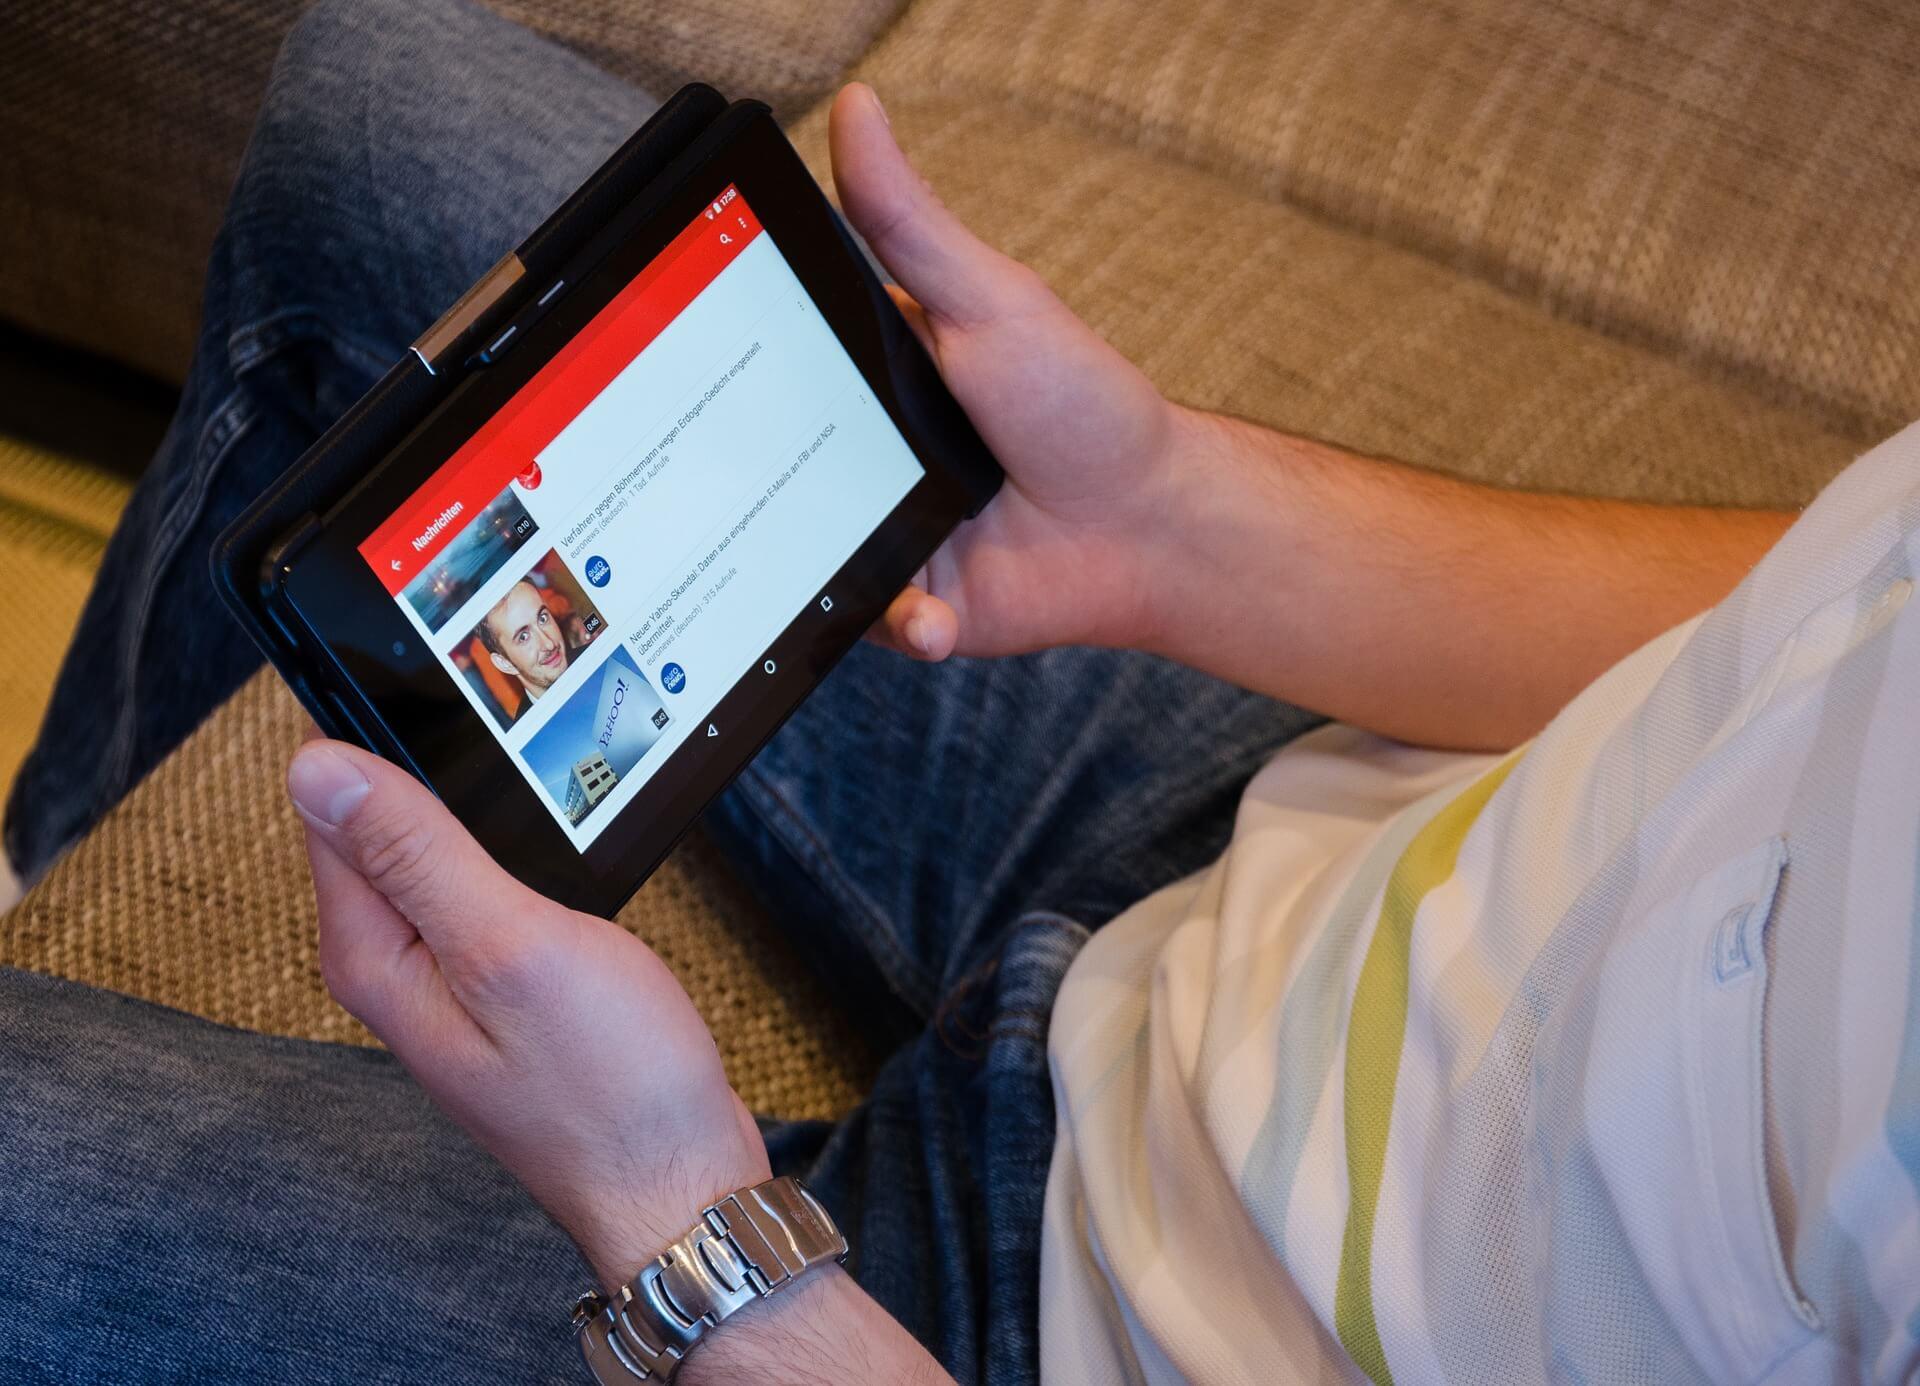 Thumbnail ấn tượng, gây chú ý là cách quảng bá khóa học online rất hữu dụng